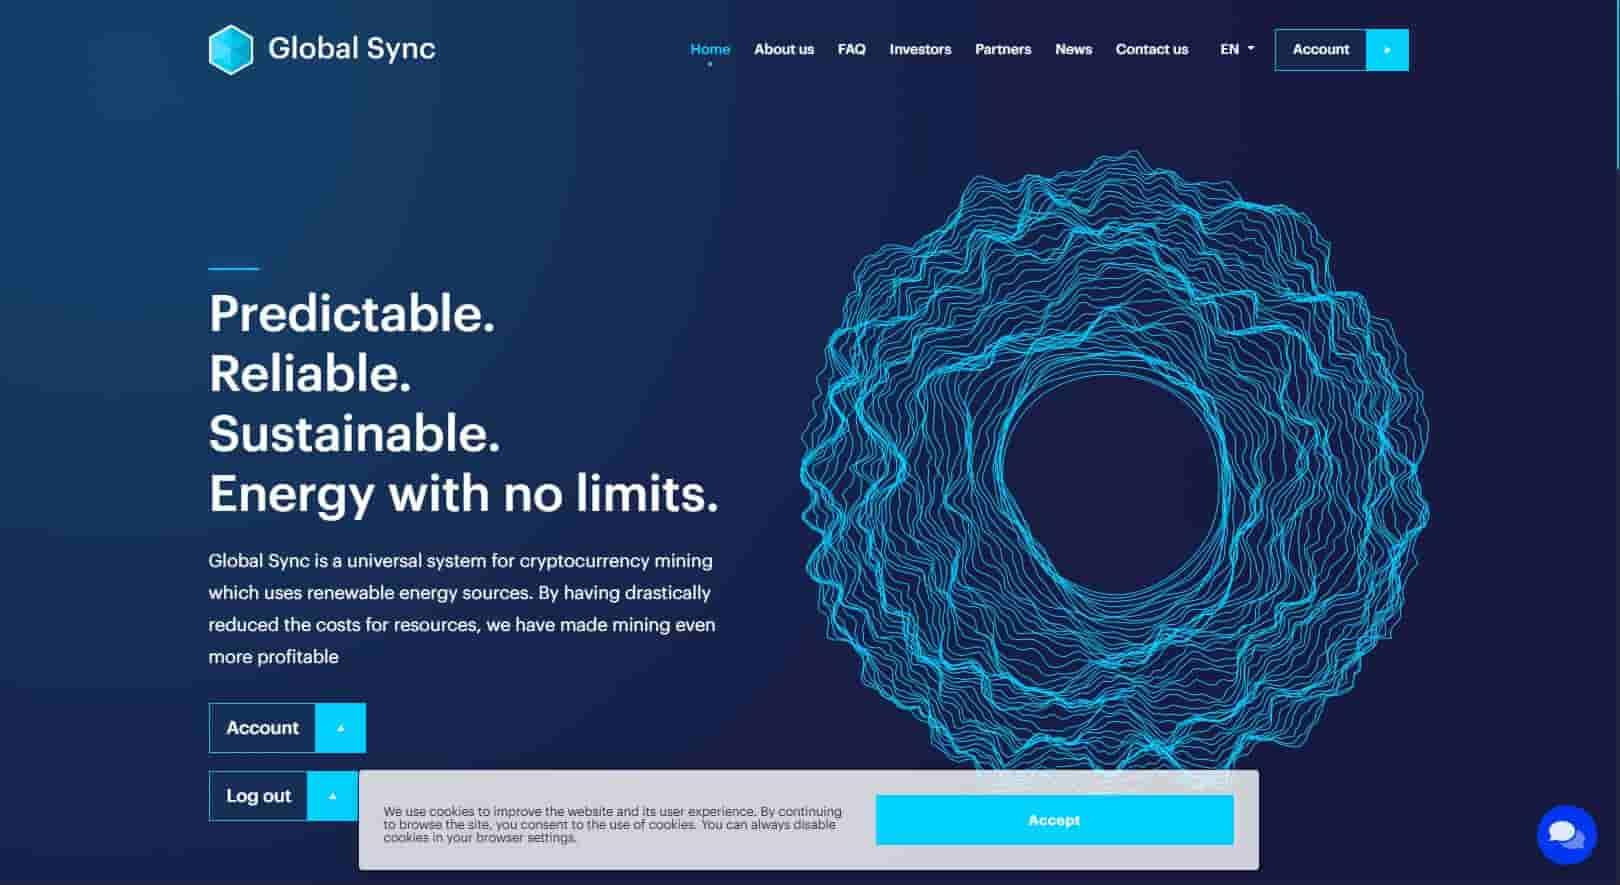 Global Sync